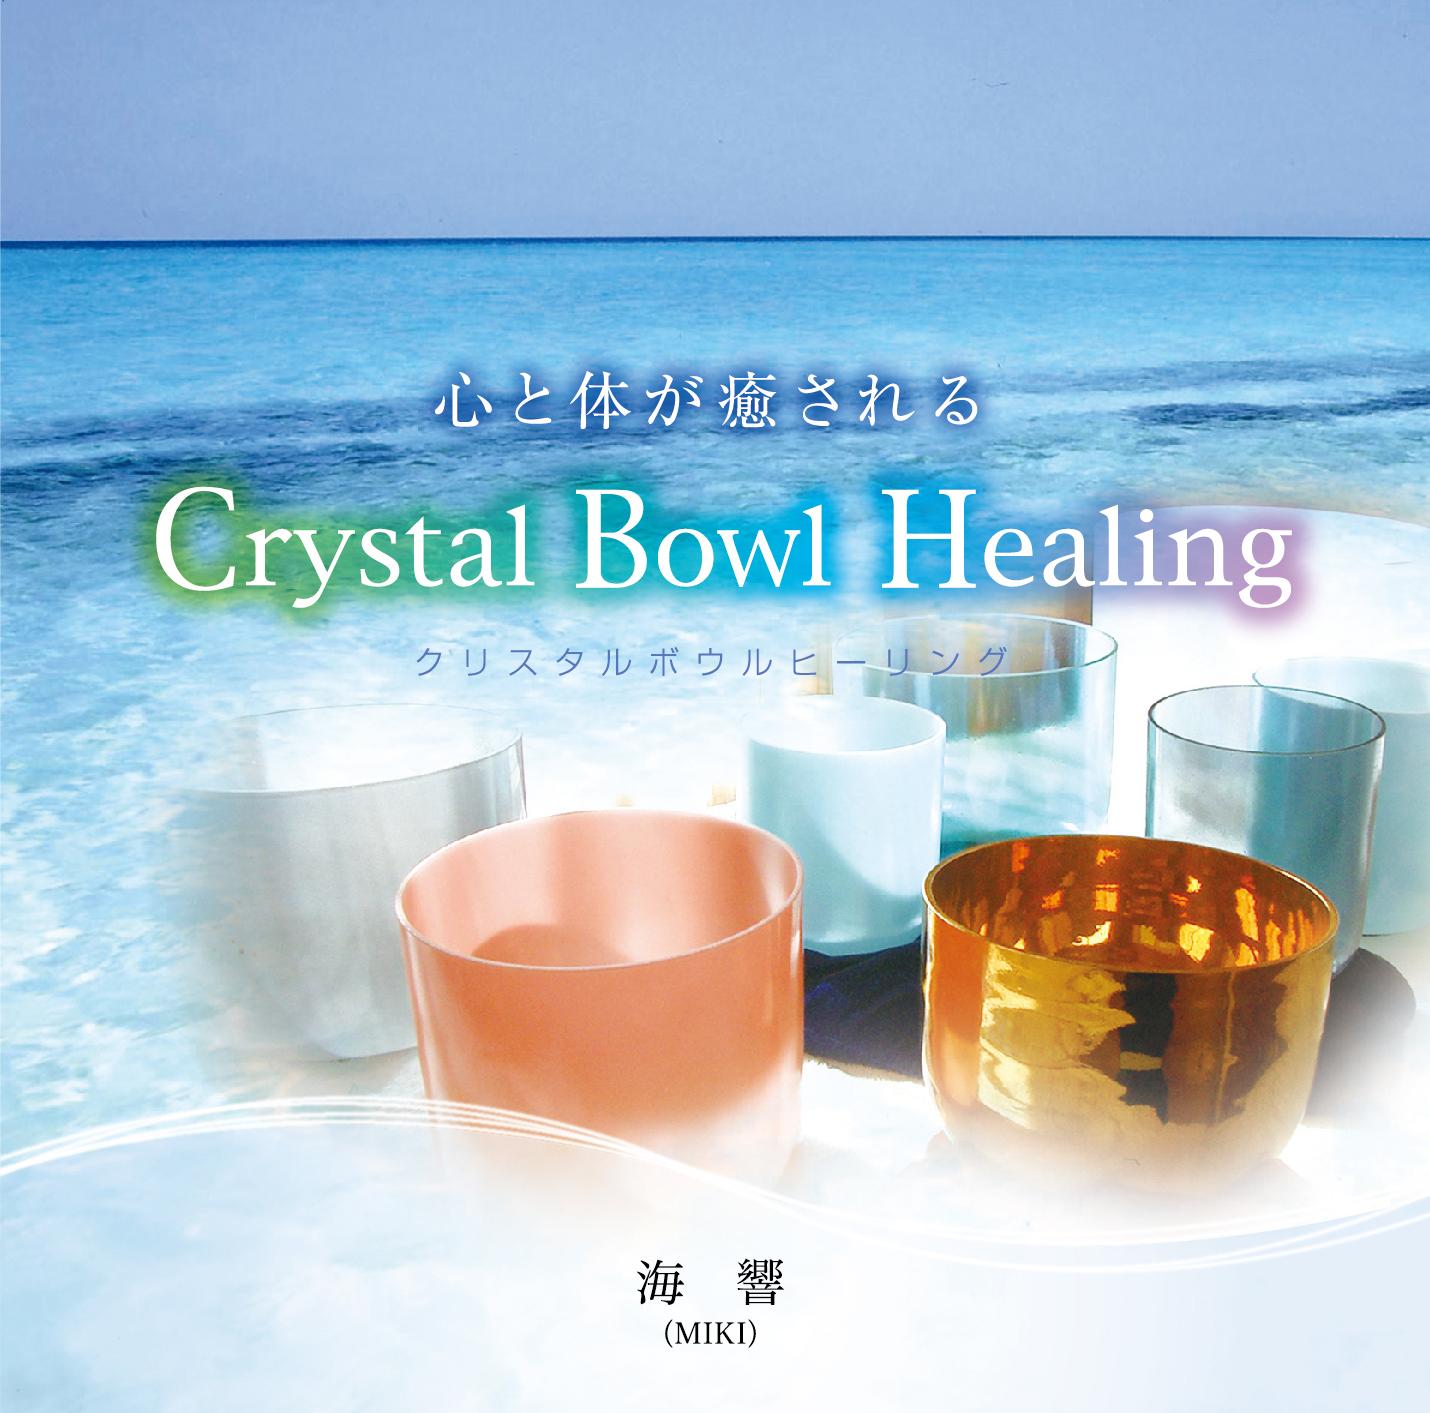 【クリスタルボウルCD】心と体が癒される Crystal Bowl Healing